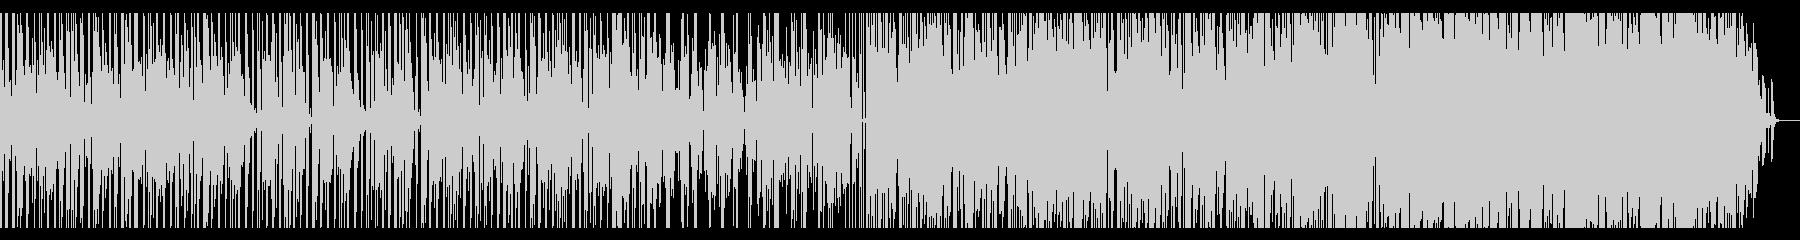 【短いVer1】70年代ファンクロック風の未再生の波形